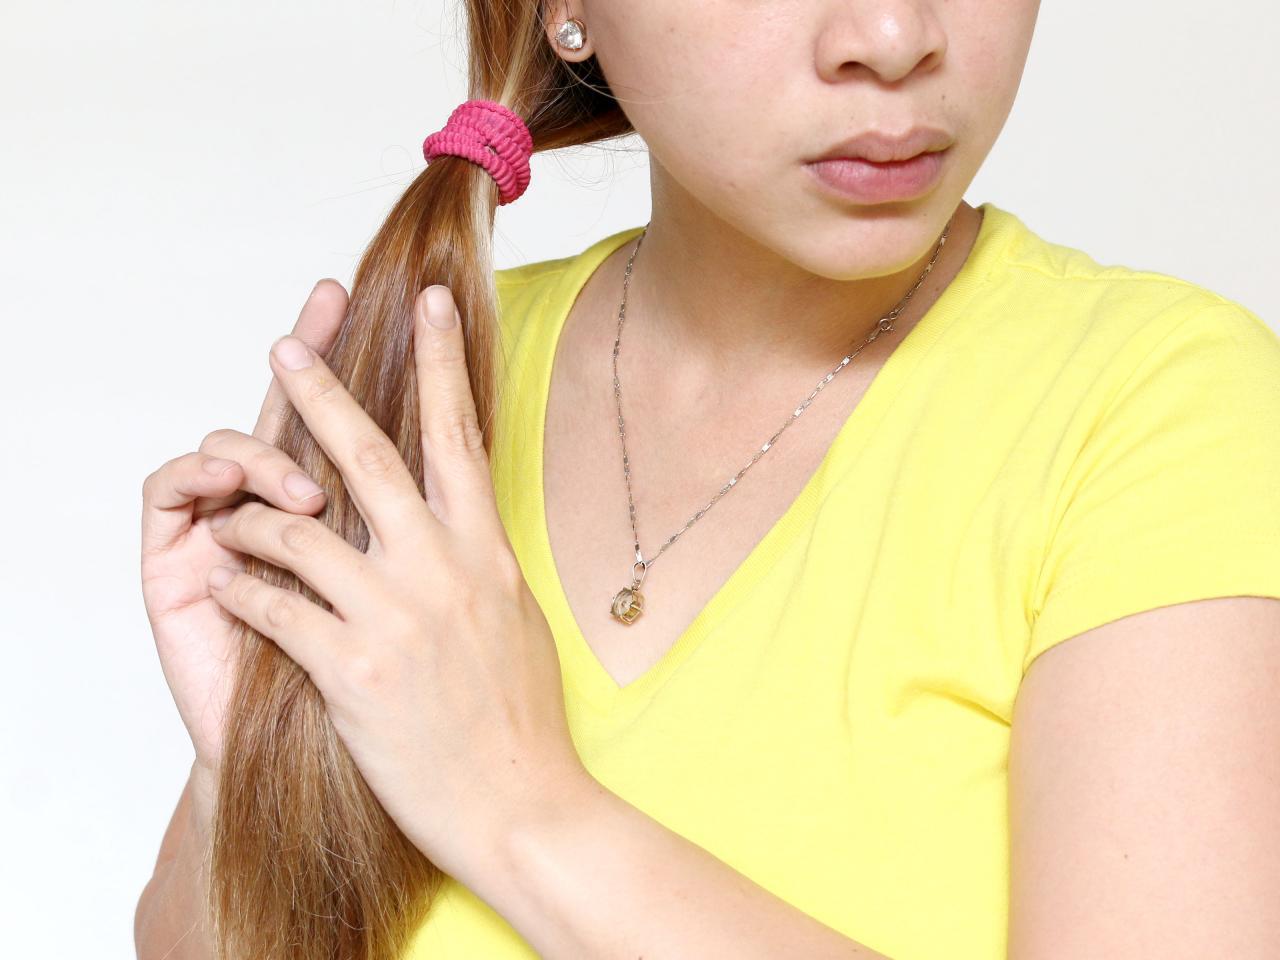 صورة زيت اللوز للشعر الحلو او المر، اكثر الزيوت الطبيعية الغنية لتغذية الشعر واعطاءه حيويته